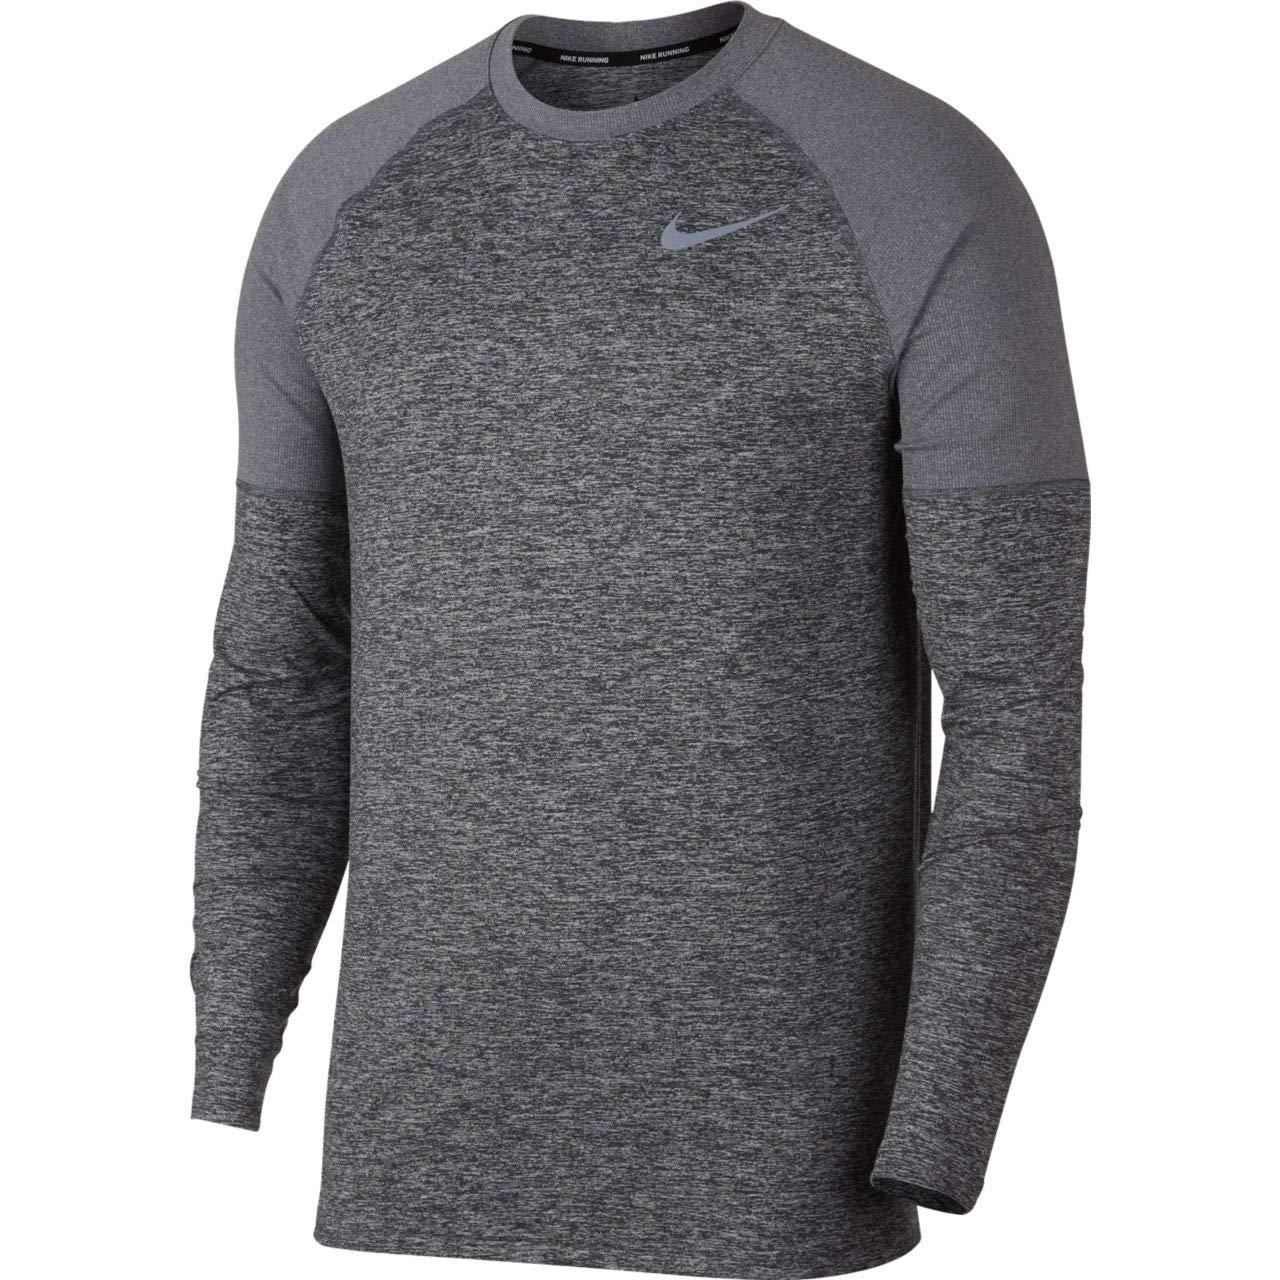 Dark gris Htr L Nike M NK Elmnt Crew T- T-Shirt à Manches Longues Homme